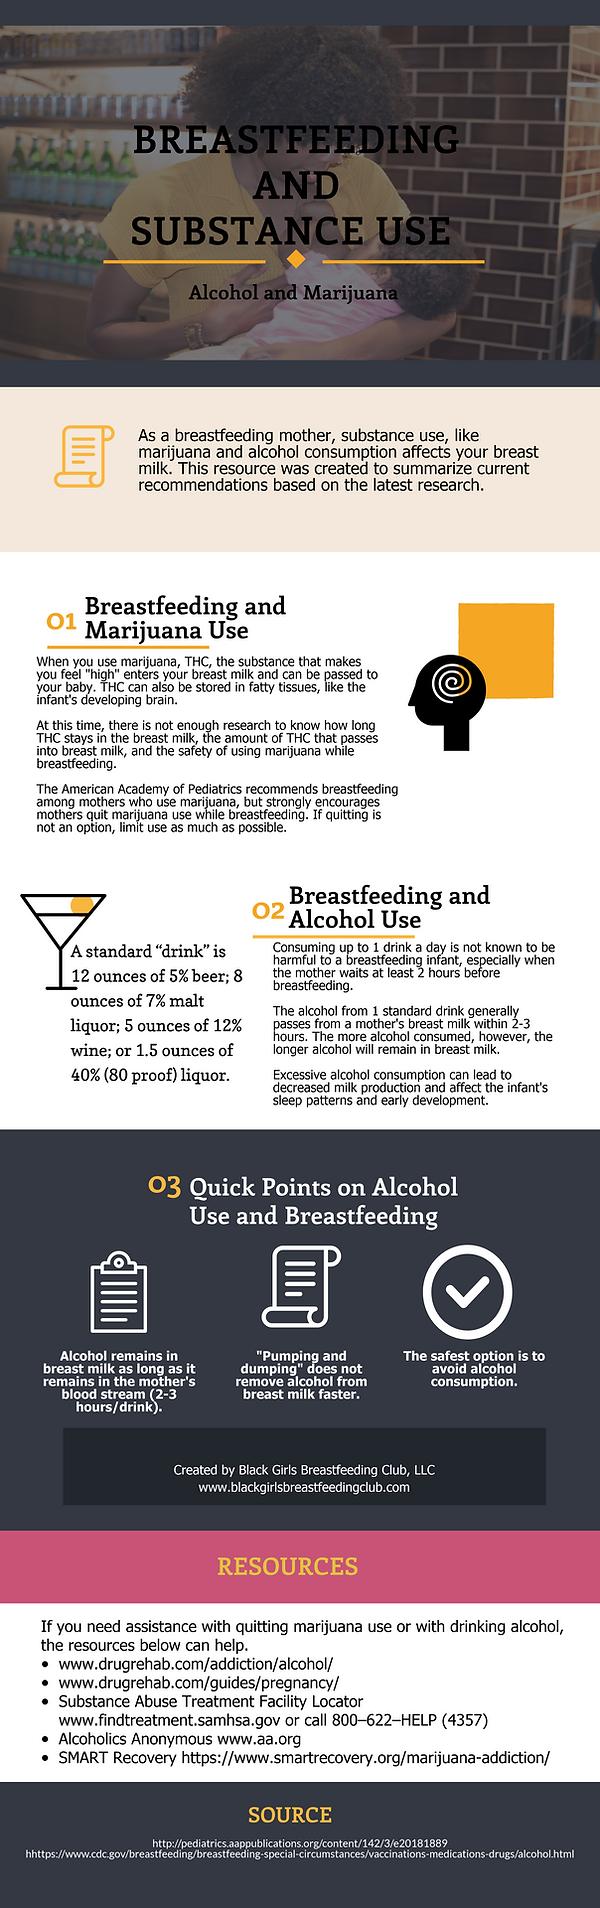 breastfeeding_alcohol_marijuana use.png